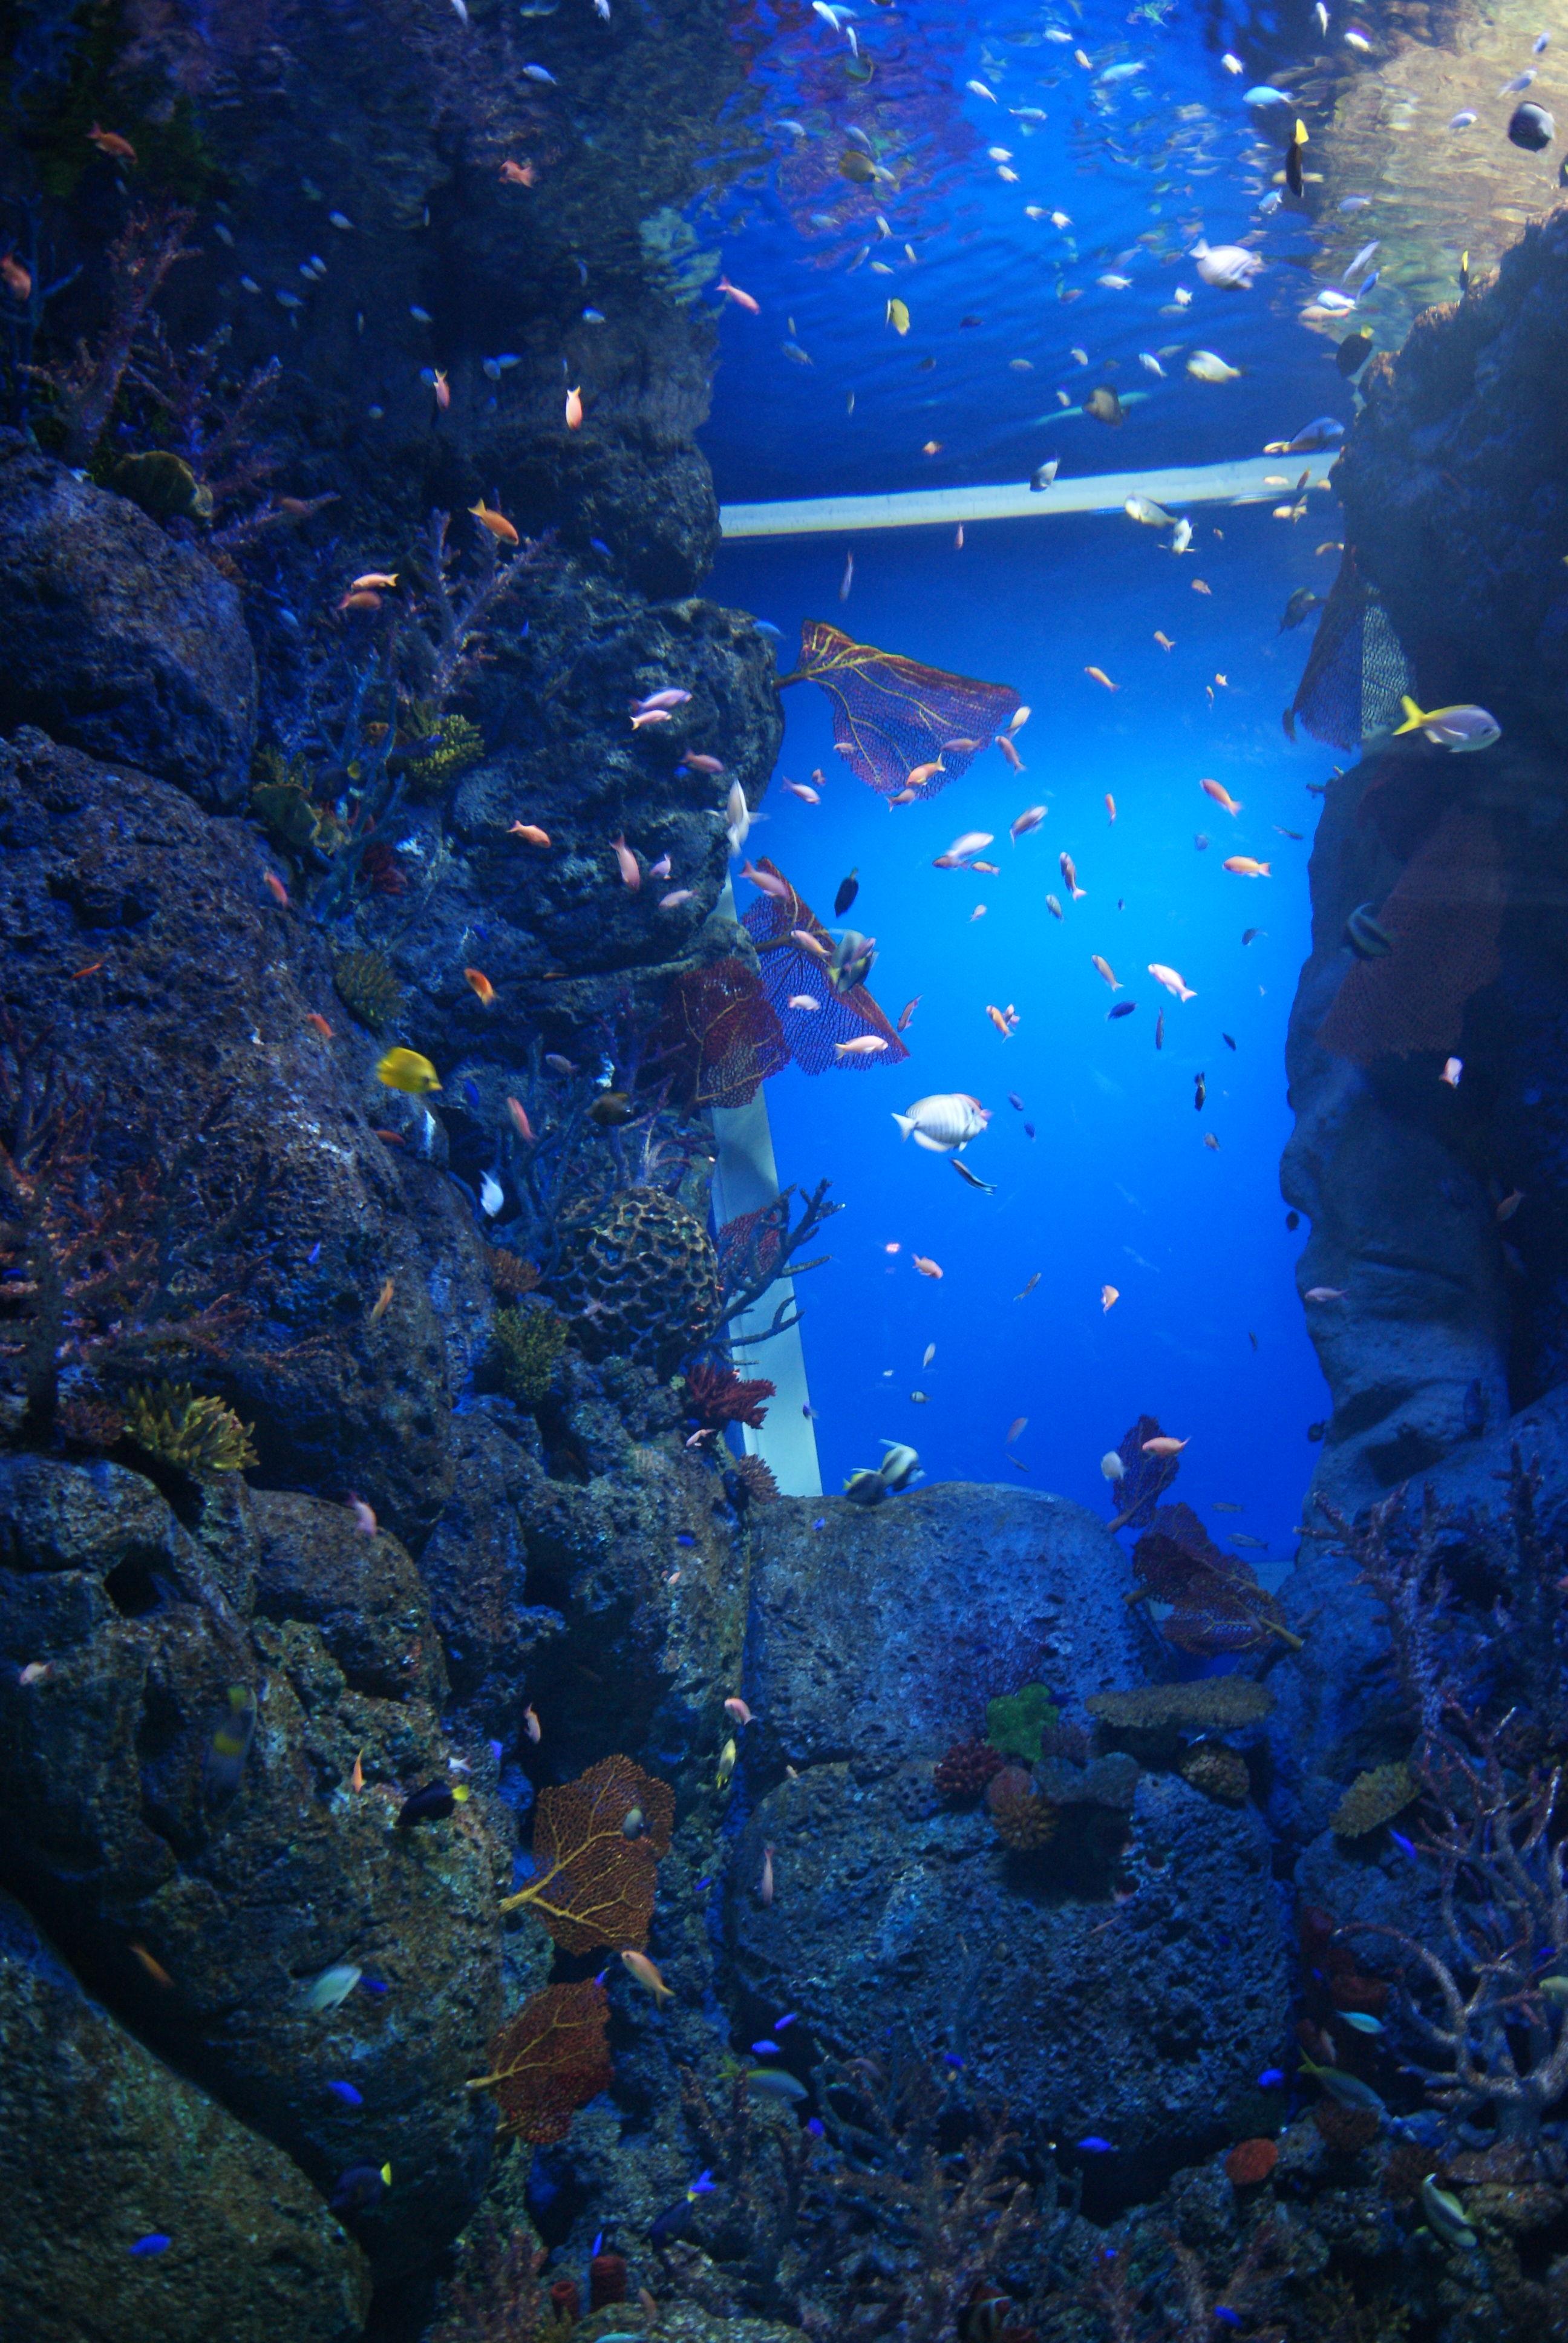 Fish aquarium in sentosa - File Fish In The S E A Aquarium Marine Life Park Resorts World Sentosa Singapore 20130105 08 Jpg